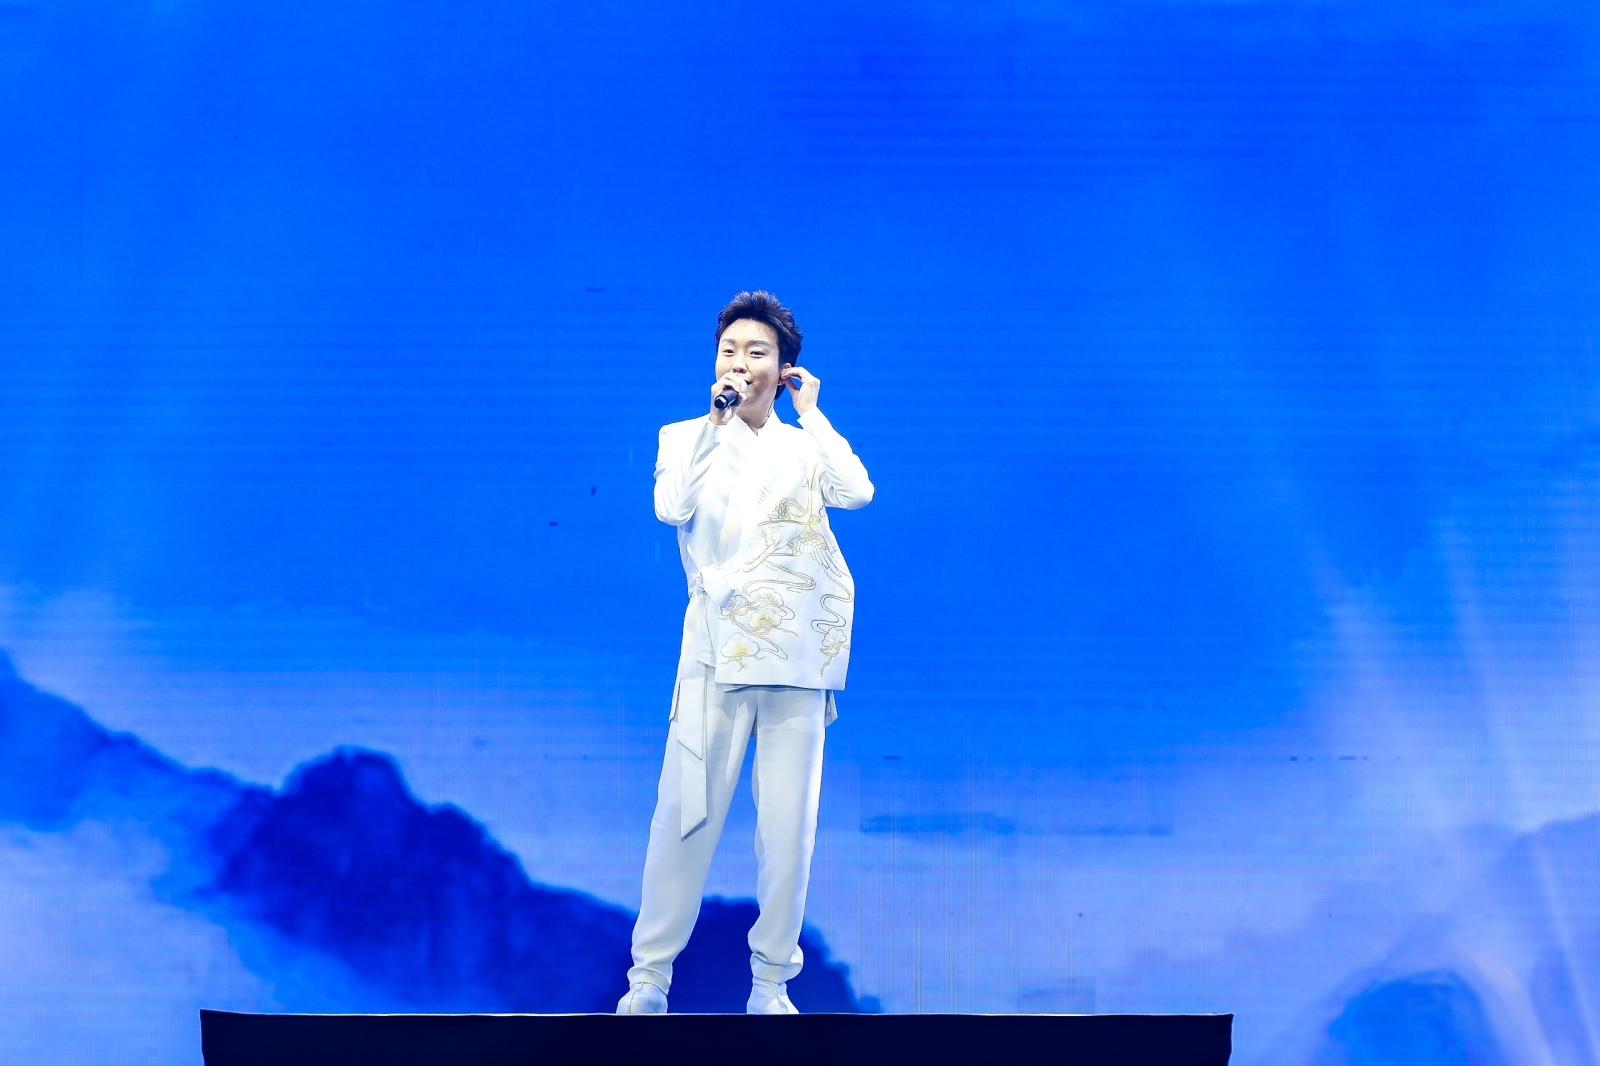 <b>李玉刚:感谢你们对传统文化和国风音乐的喜爱与传承</b>